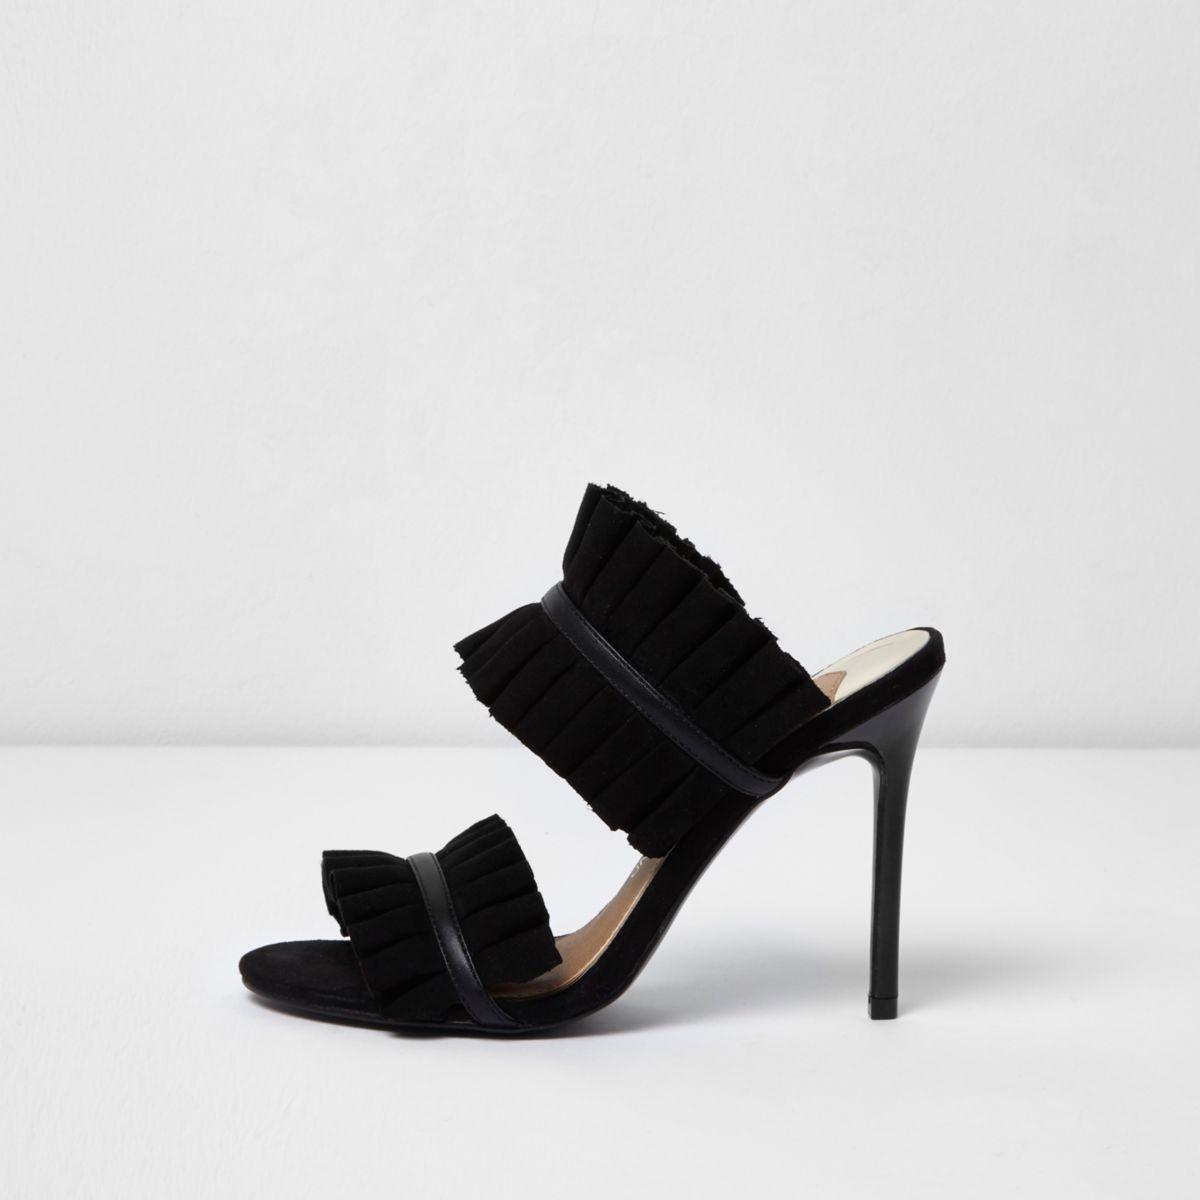 Black ruffle court heel mules